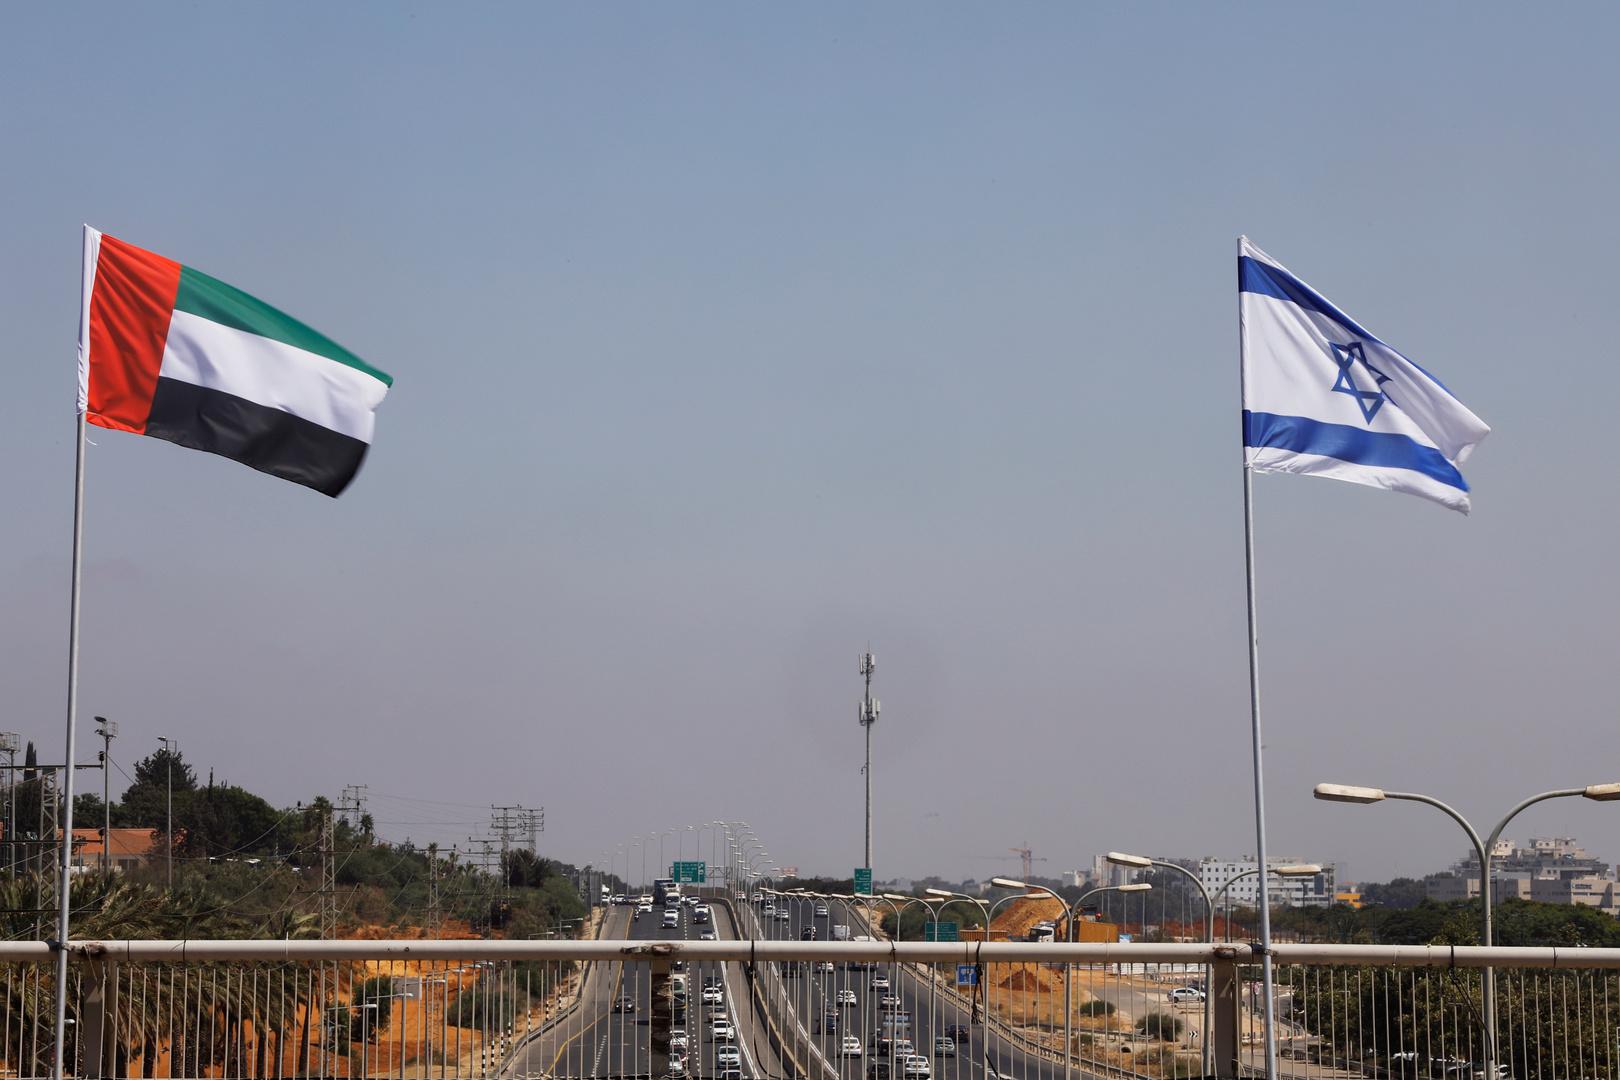 طاقم السفارة الإسرائيلية يقوم بإجراء لأول مرة في أبو ظبي